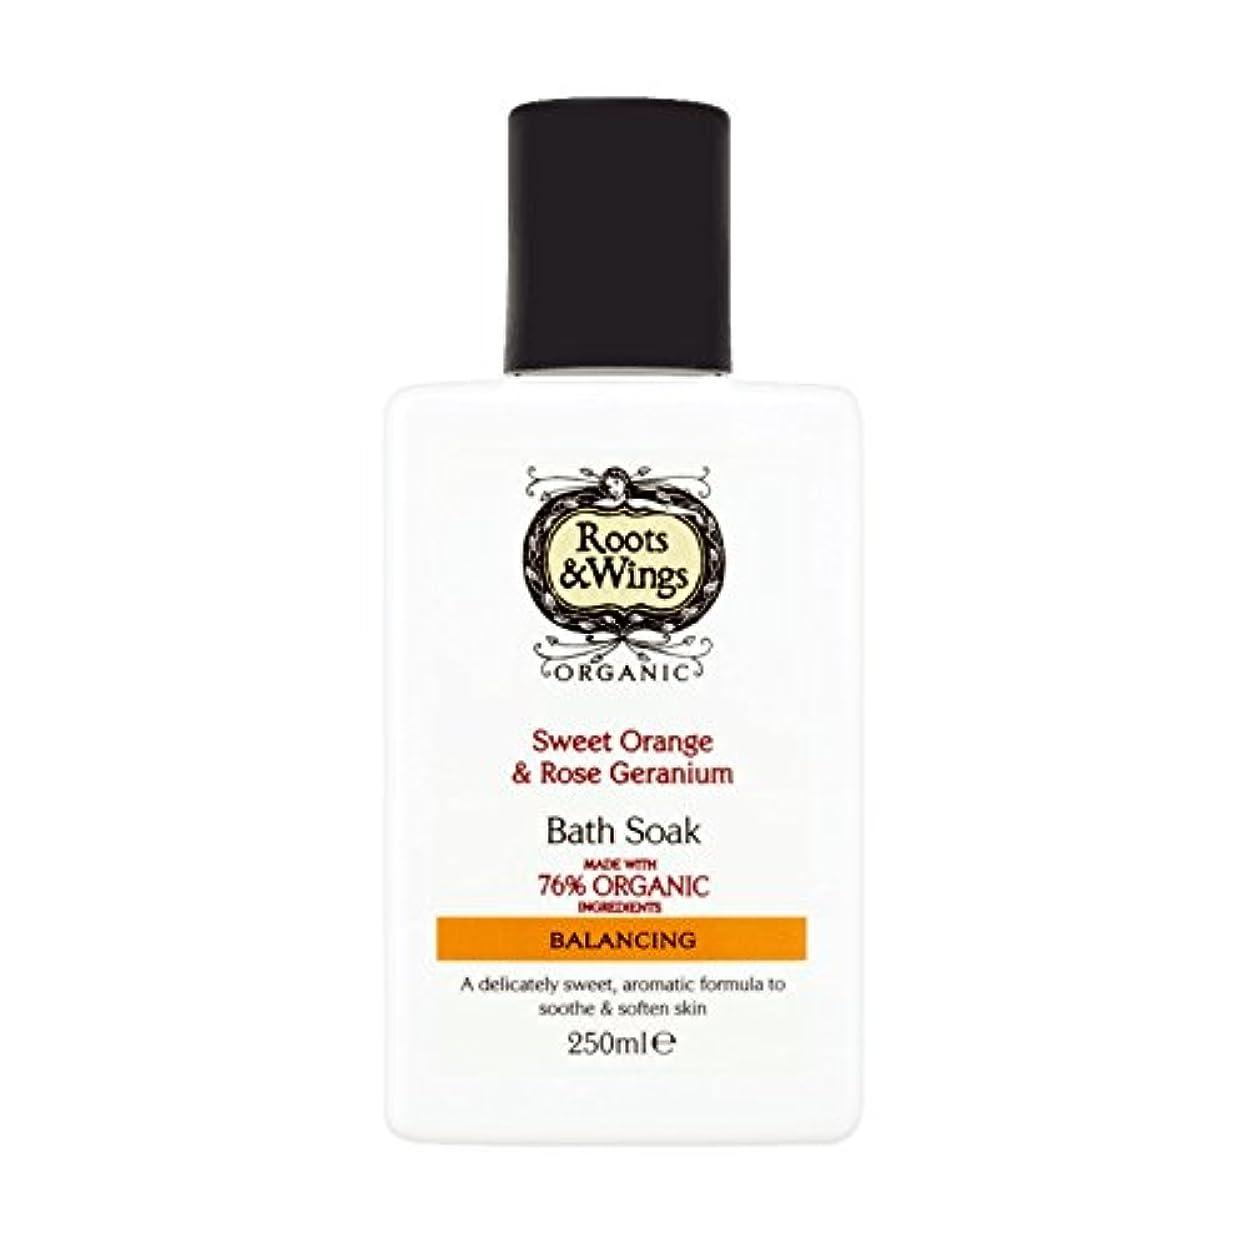 背が高い右開梱Roots & Wings Bath Soak Sweet Orange & Rose Geranium 250ml (Pack of 2) - ルーツ&翼バス甘いオレンジを浸し&ゼラニウム250ミリリットルをバラ (x2...